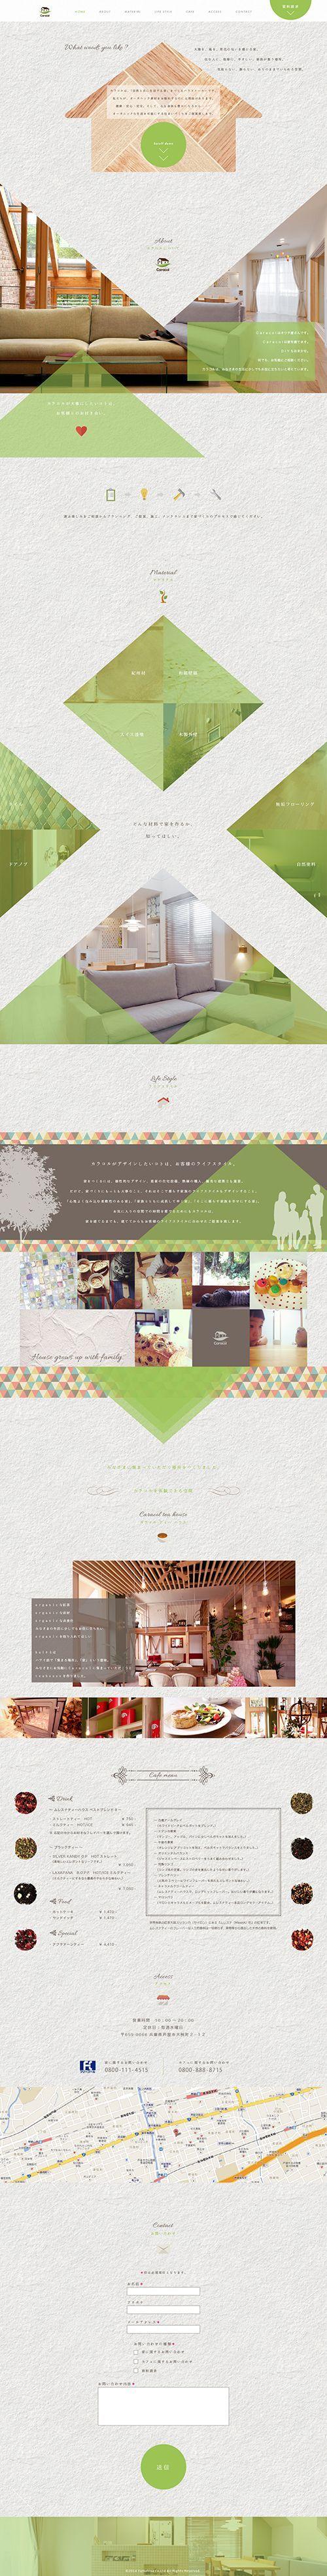 家、あたたかみ、親しみ、テクスチャー、色、積み木、パズル、三角形で矢印